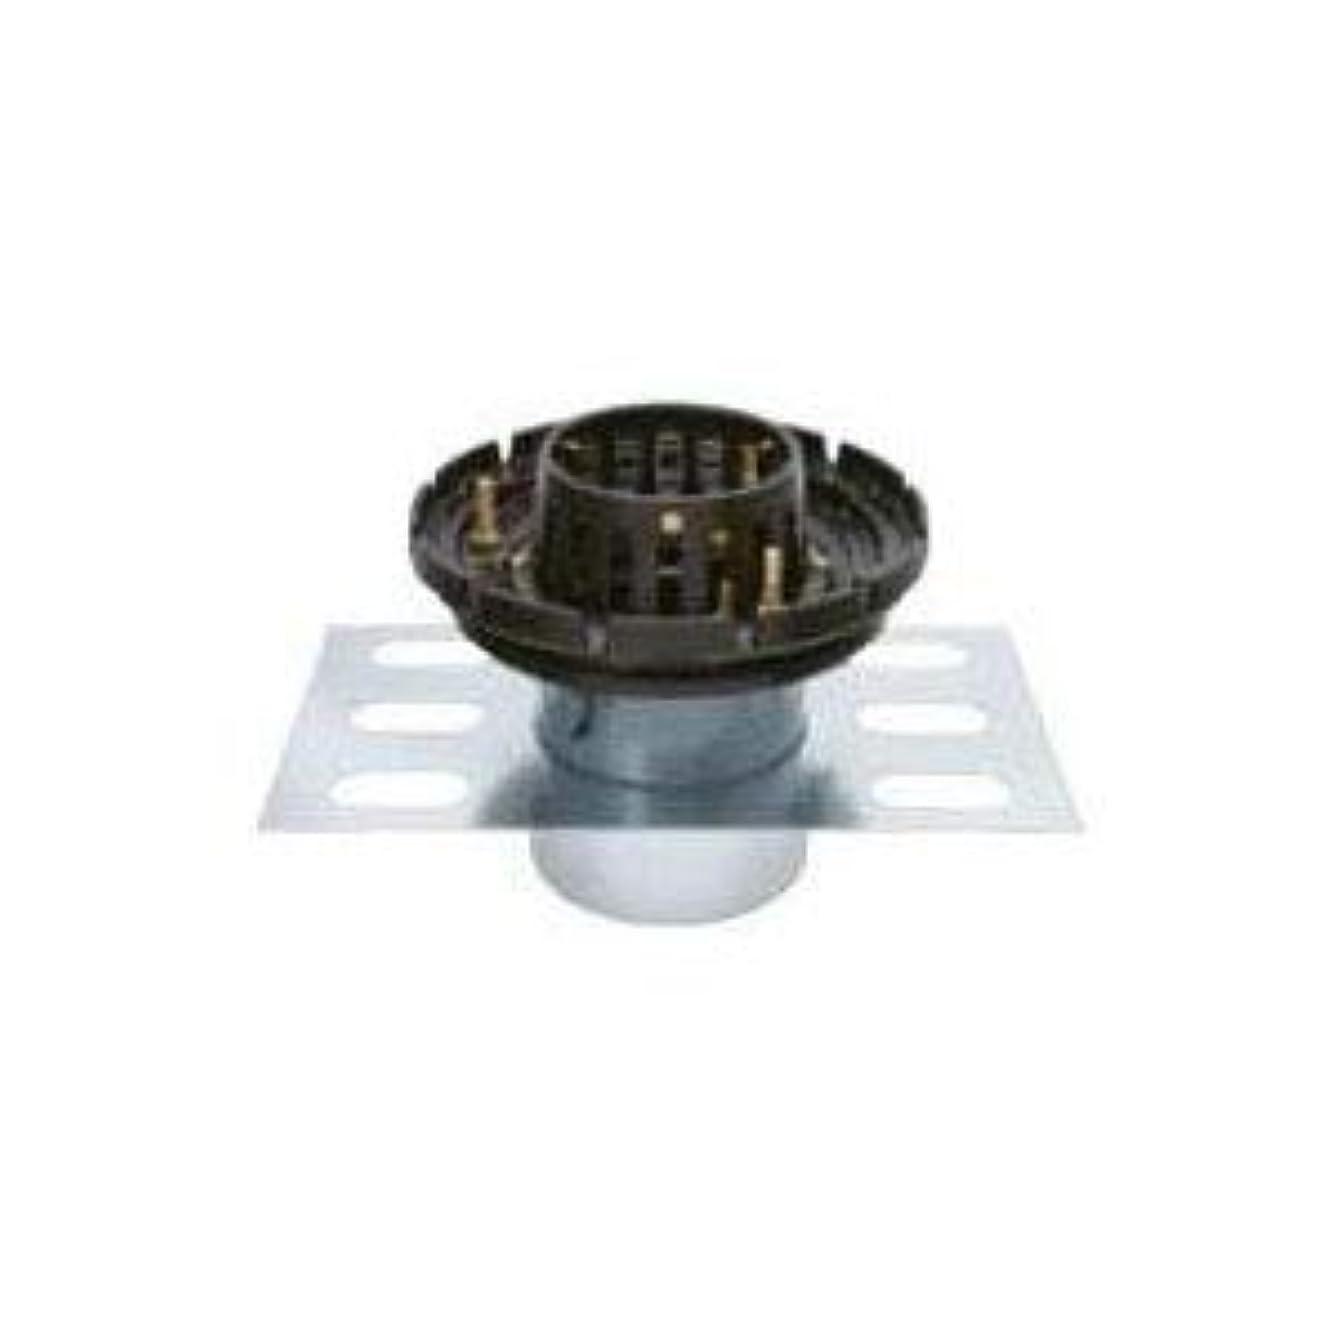 イル囲い合意カネソウ 鋳鉄製ルーフドレイン たて引き用(呼称50) ※メーカー直送代引不可 EDSBW-2-50